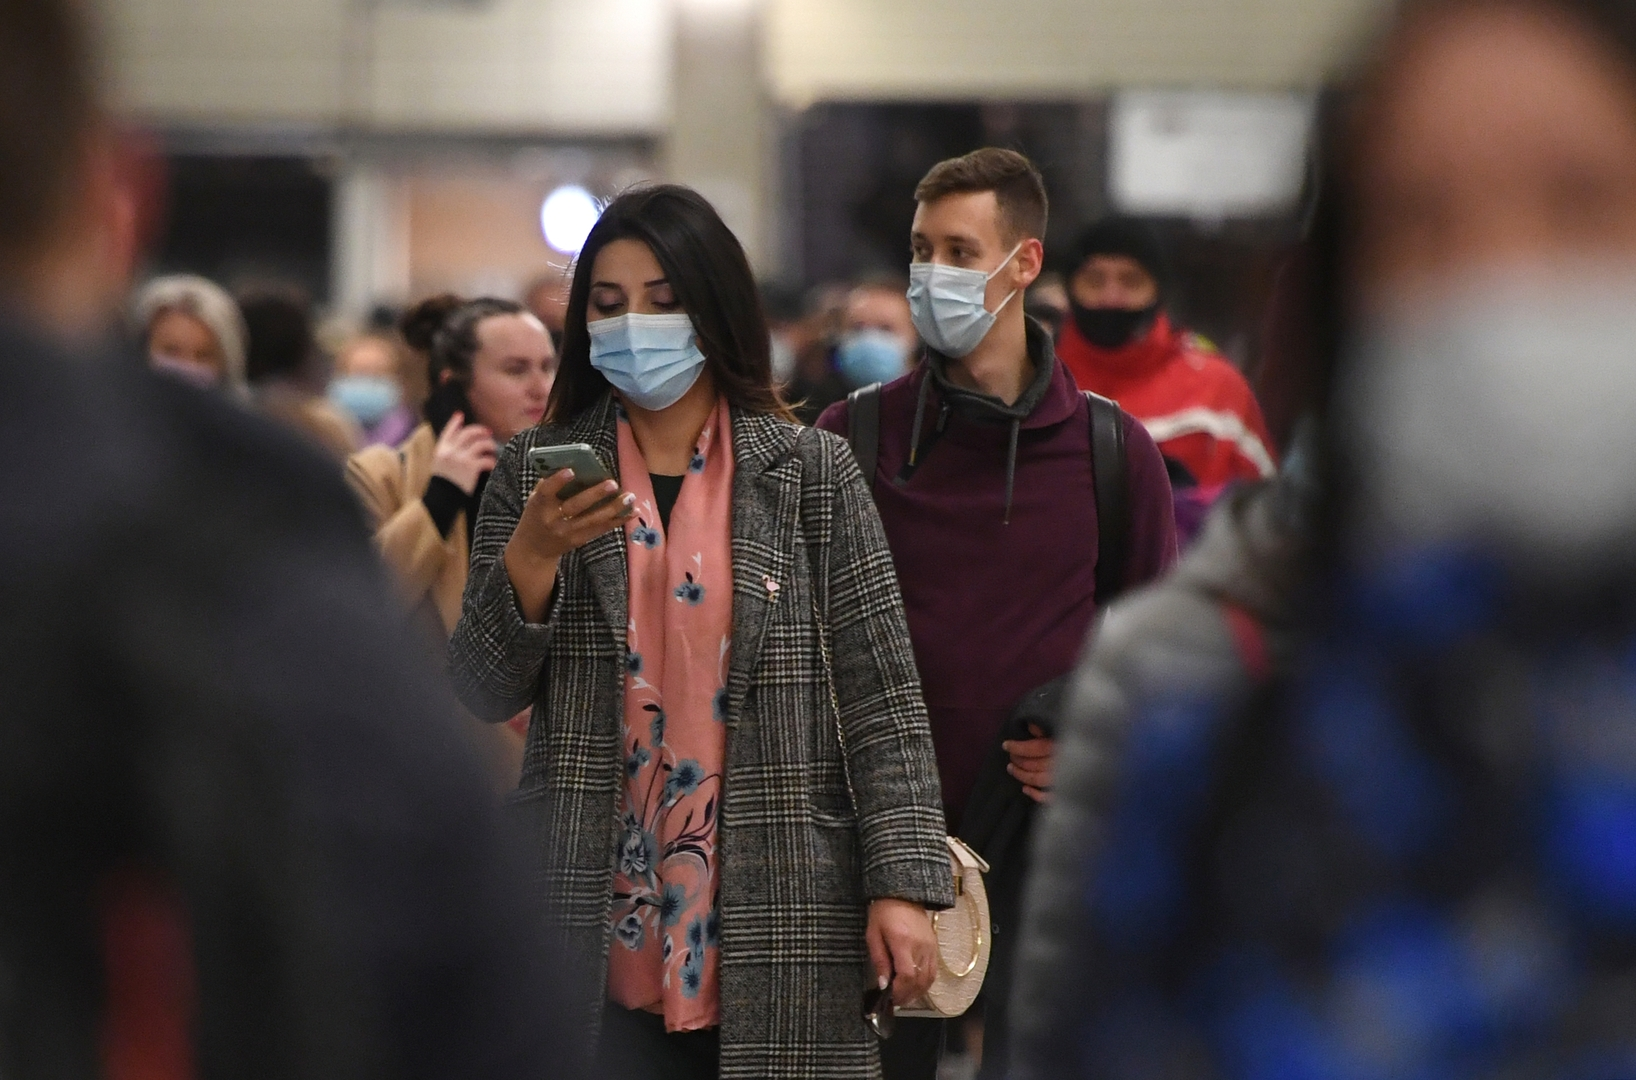 كبير أطباء الأمراض المعدية يحدد موعد انتهاء ارتفاع معدلات الإصابة بكورونا في روسيا